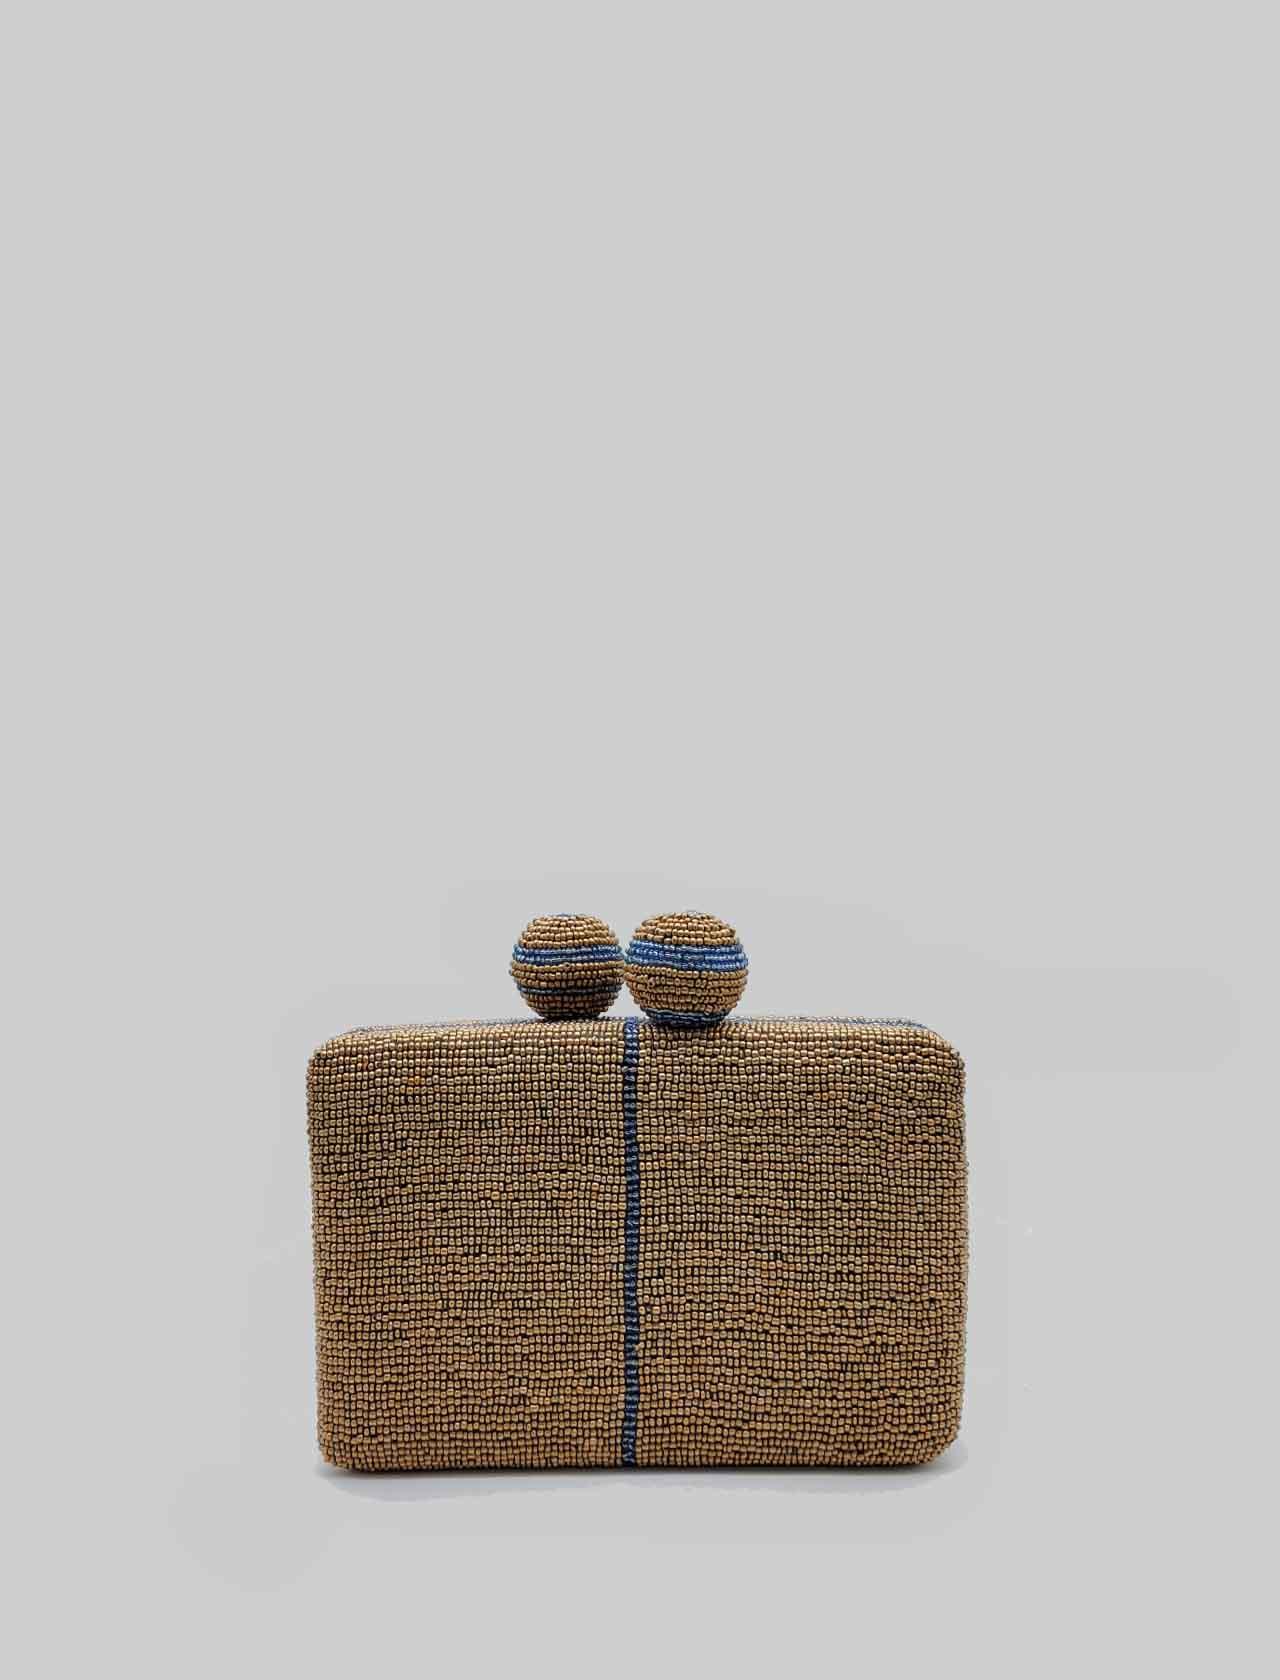 Borsa Donna Clutch Cuts & Beads a Fantasia Bronzo e Azzurro con Tracolla in Catena Removibile Oro Maliparmi | Borse e zaini | BP00079106992B81